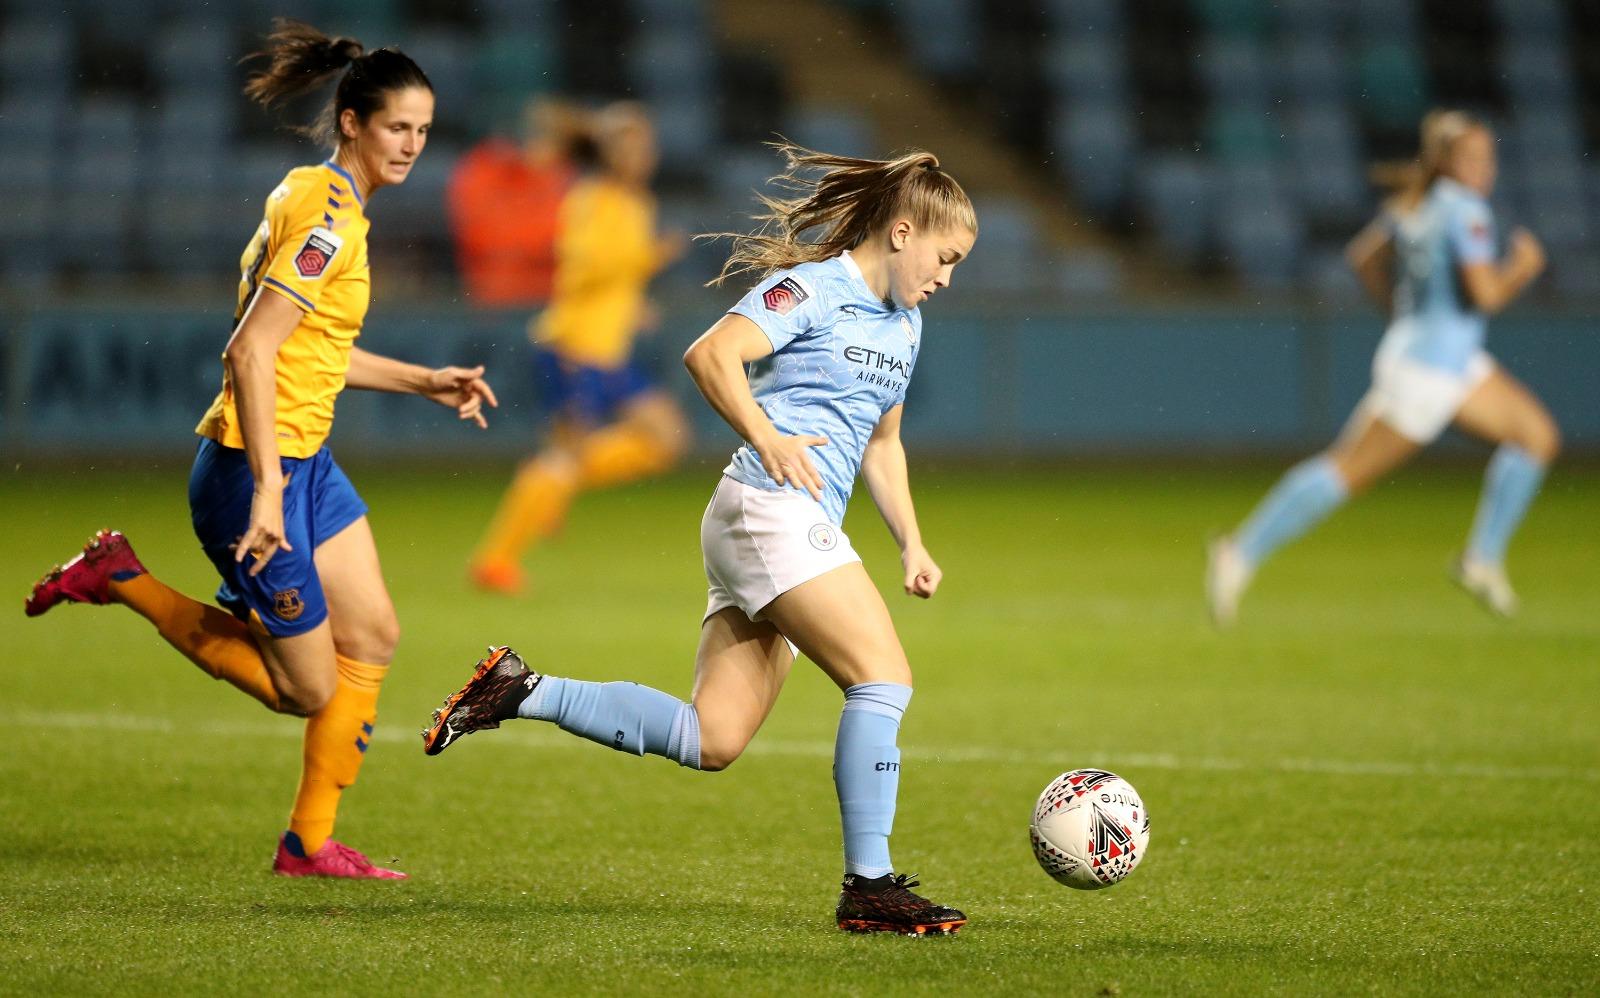 DESTACADA. : Jess Park, de 18 años, fue una de las destacadas del City ante el Everton.